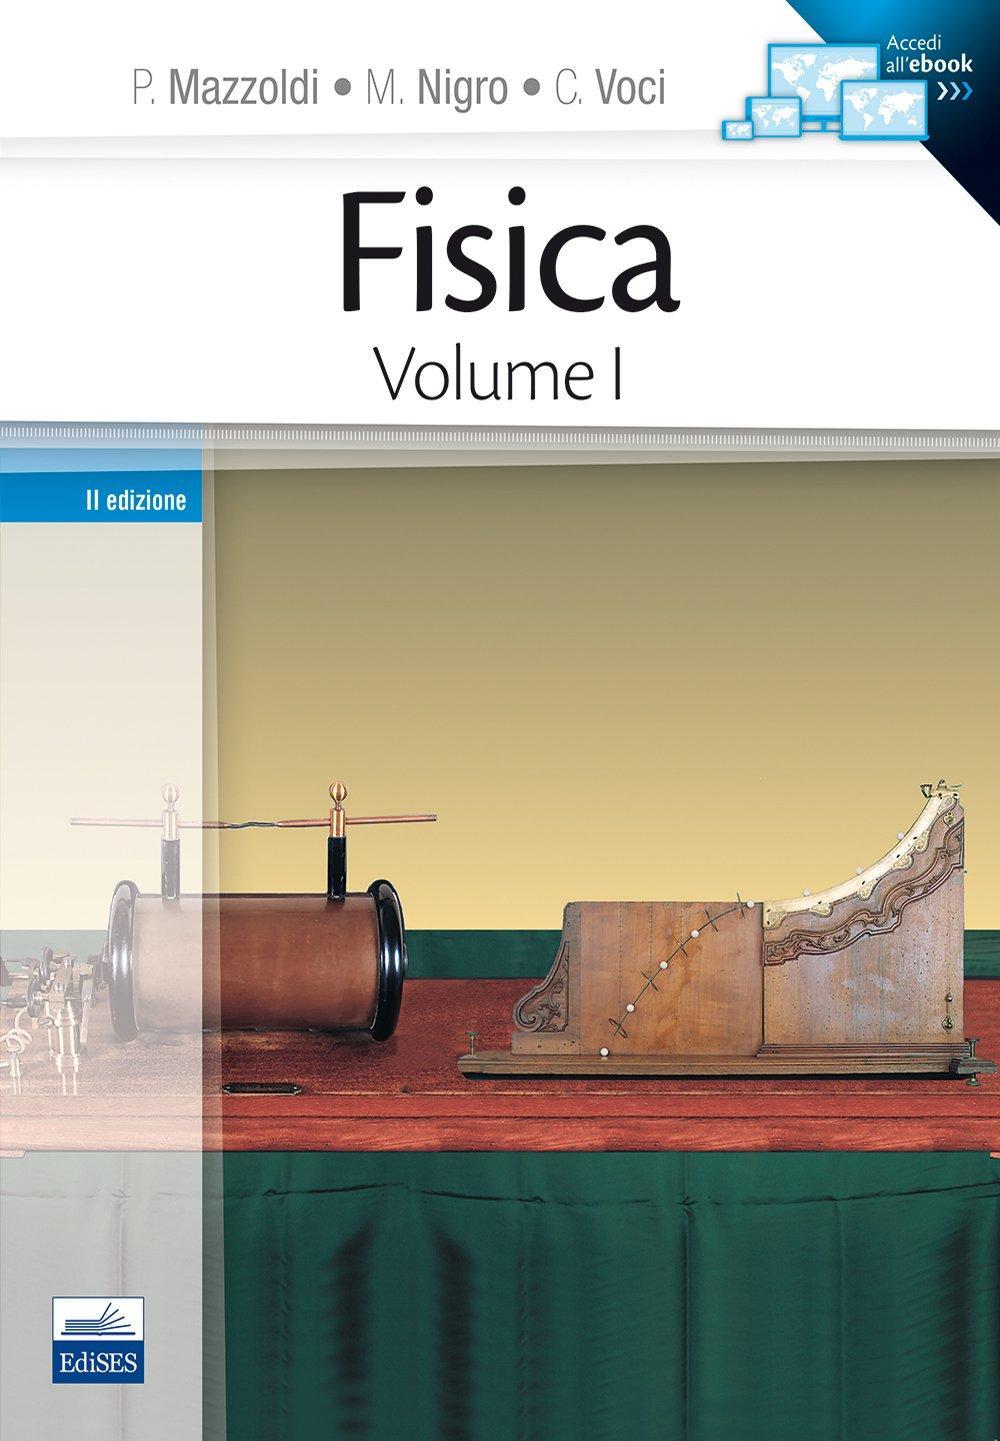 Amazon.it: Fisica: 1 - Paolo Mazzoldi, Massimo Nigro